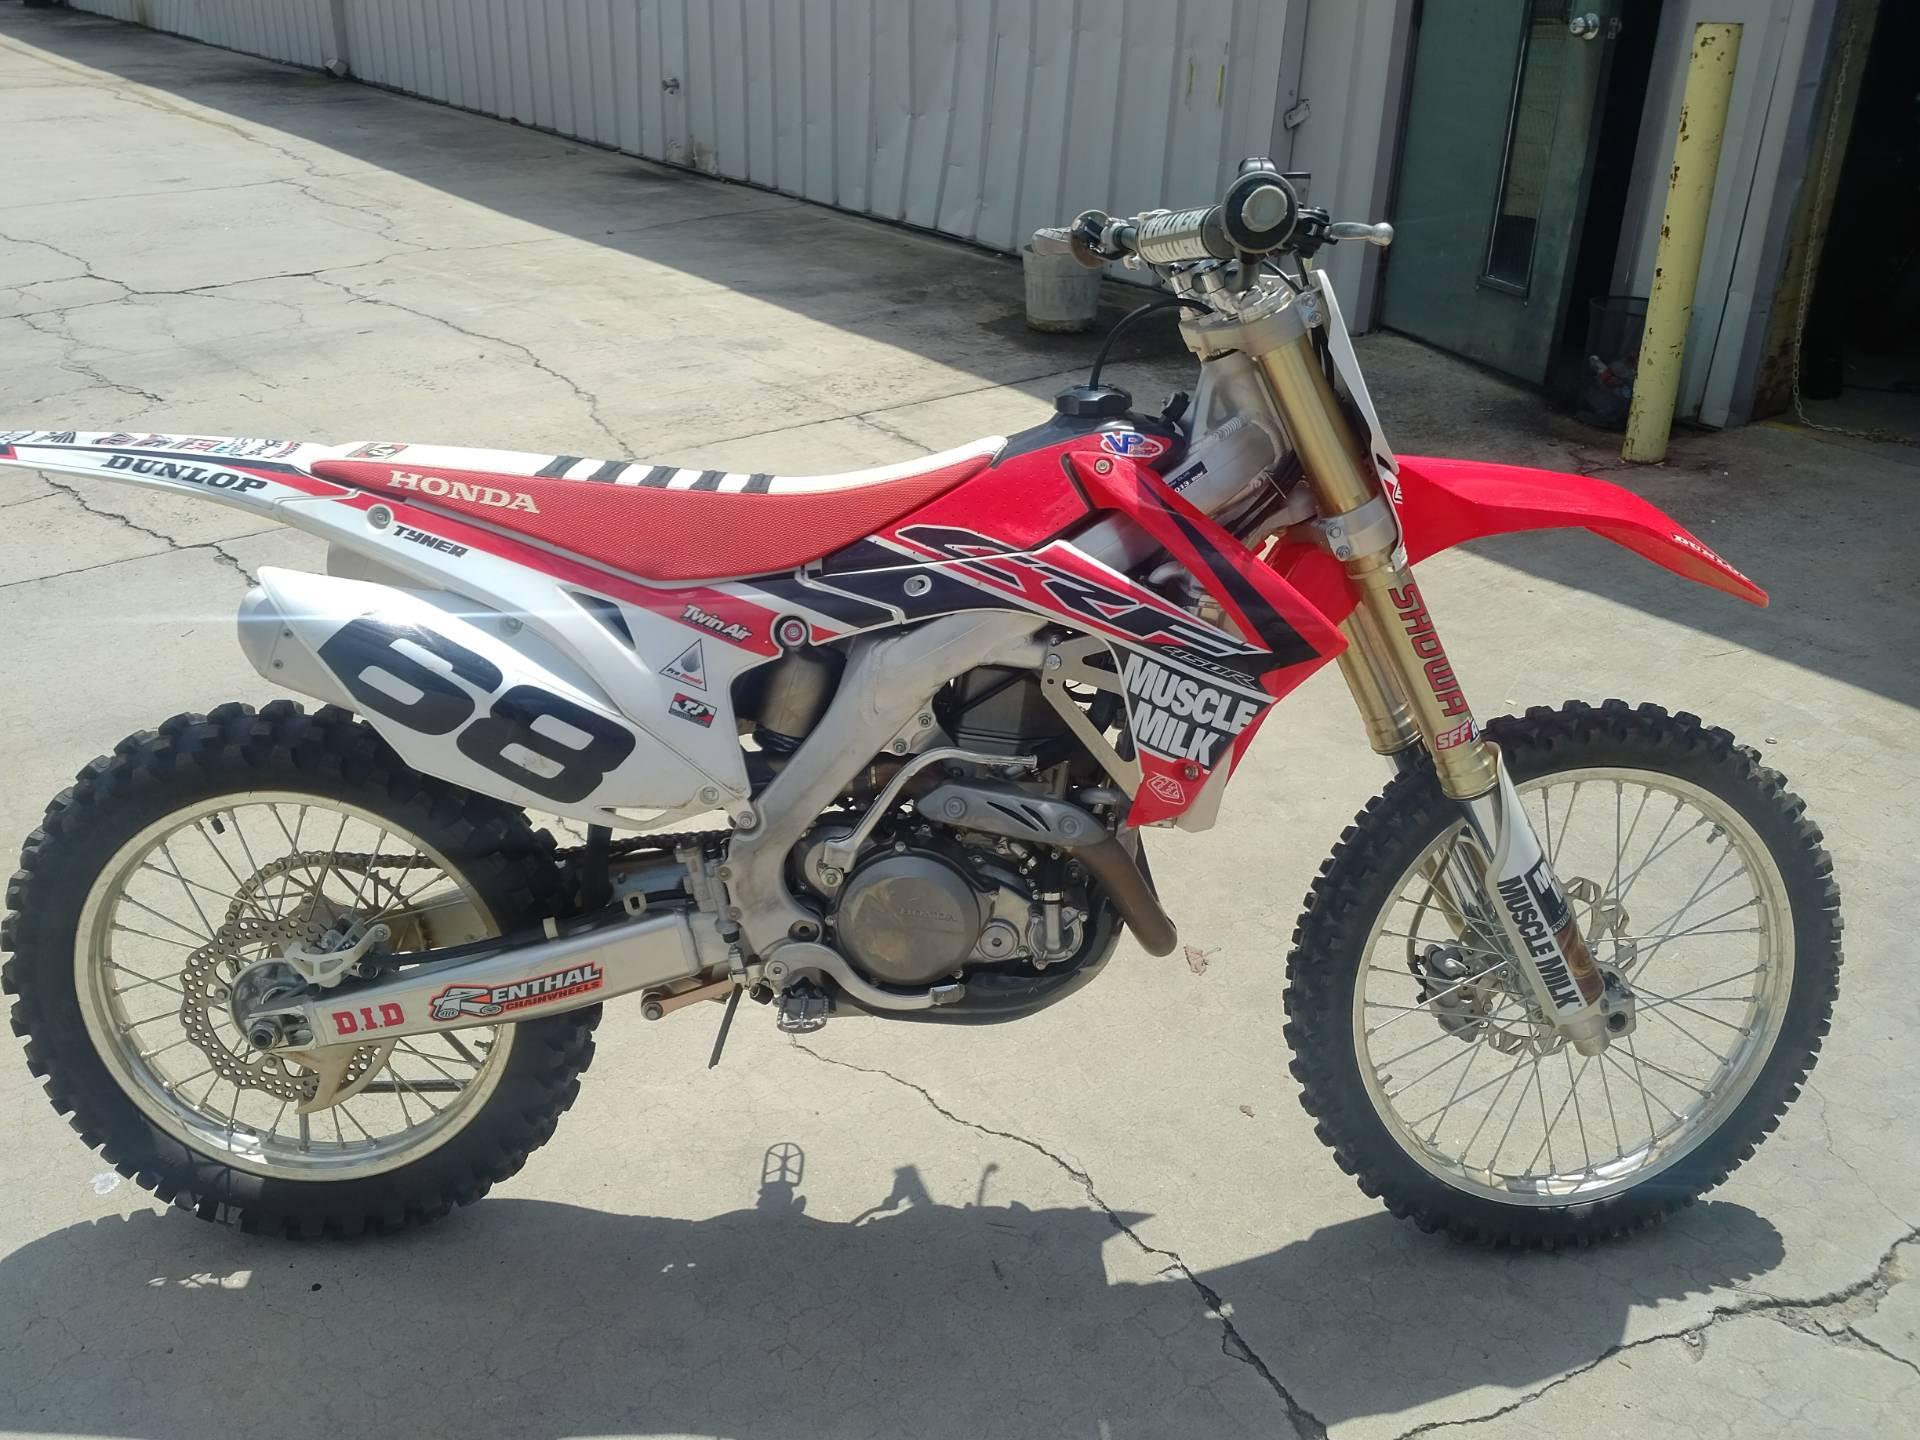 2013 CRF450R